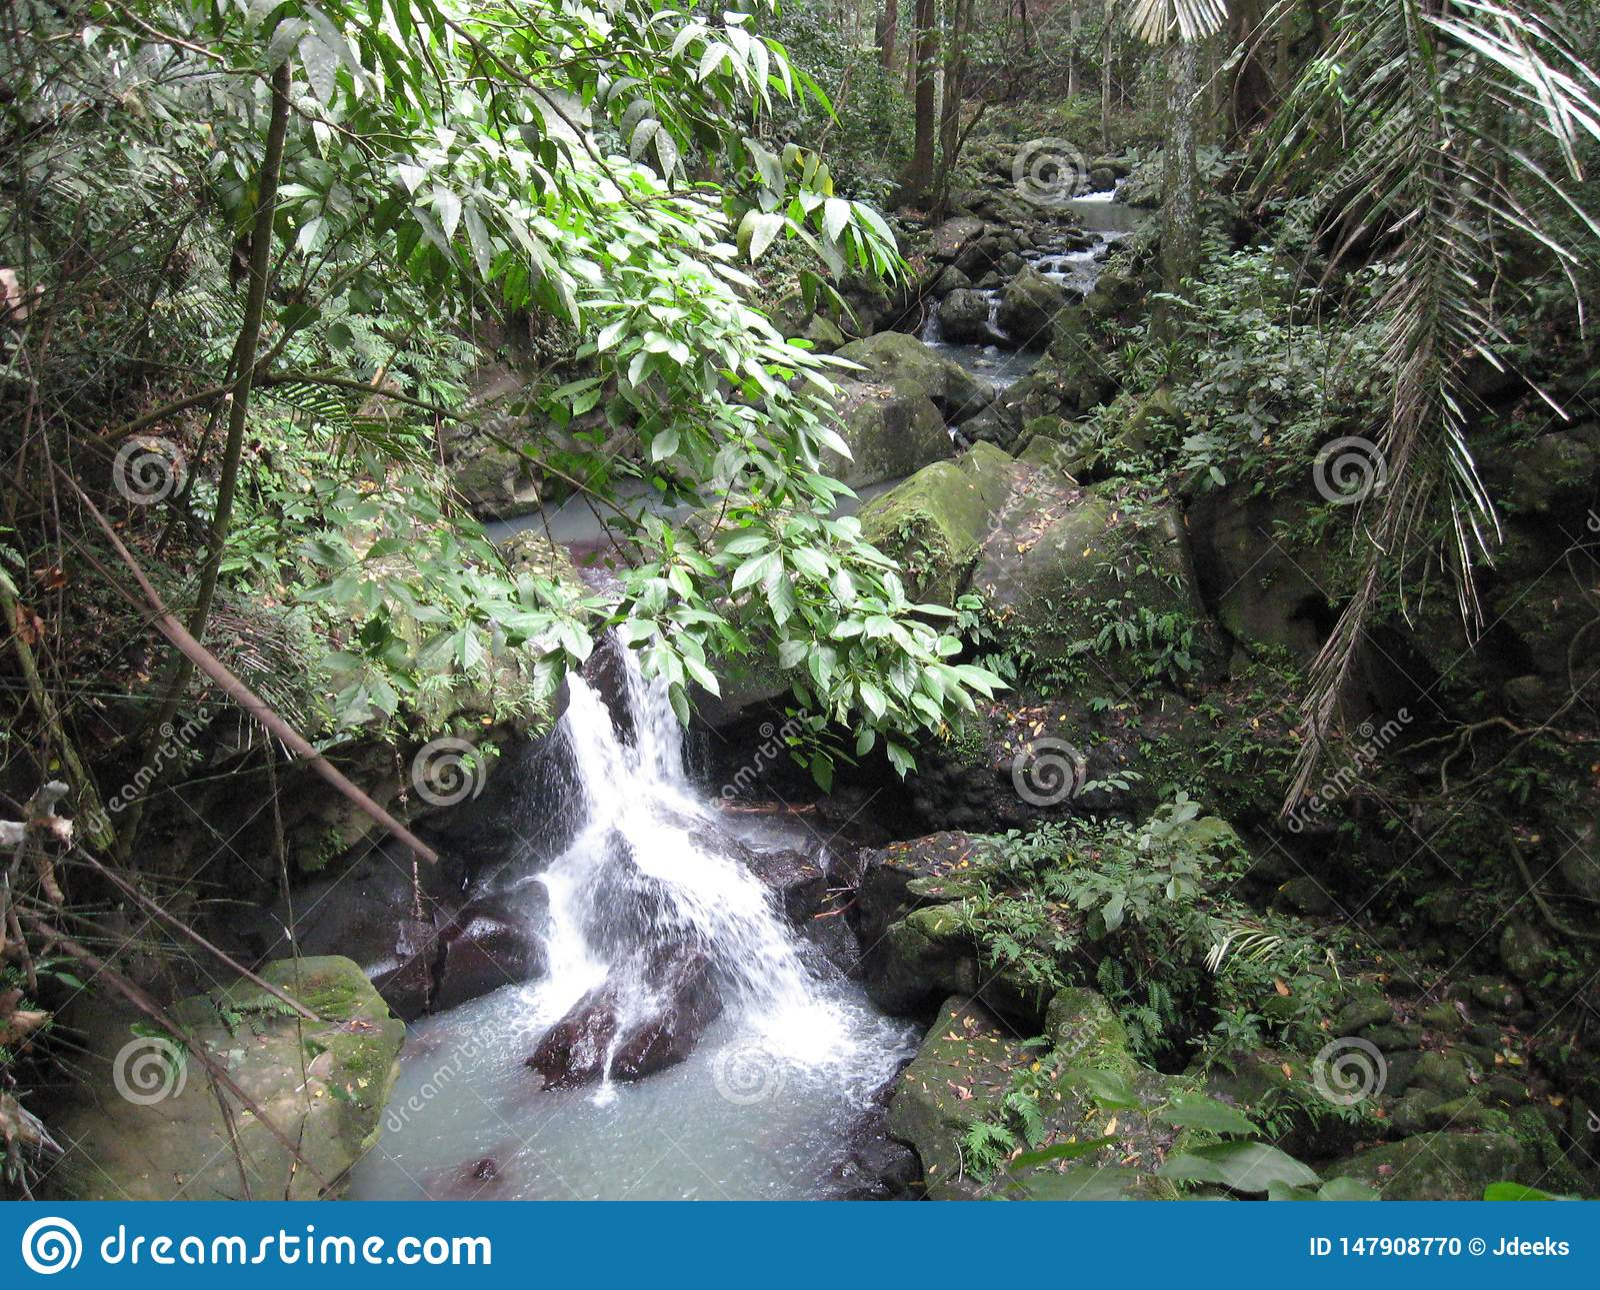 Une cascade dans la forêt aux jardins botaniques de Makiling, Philippines